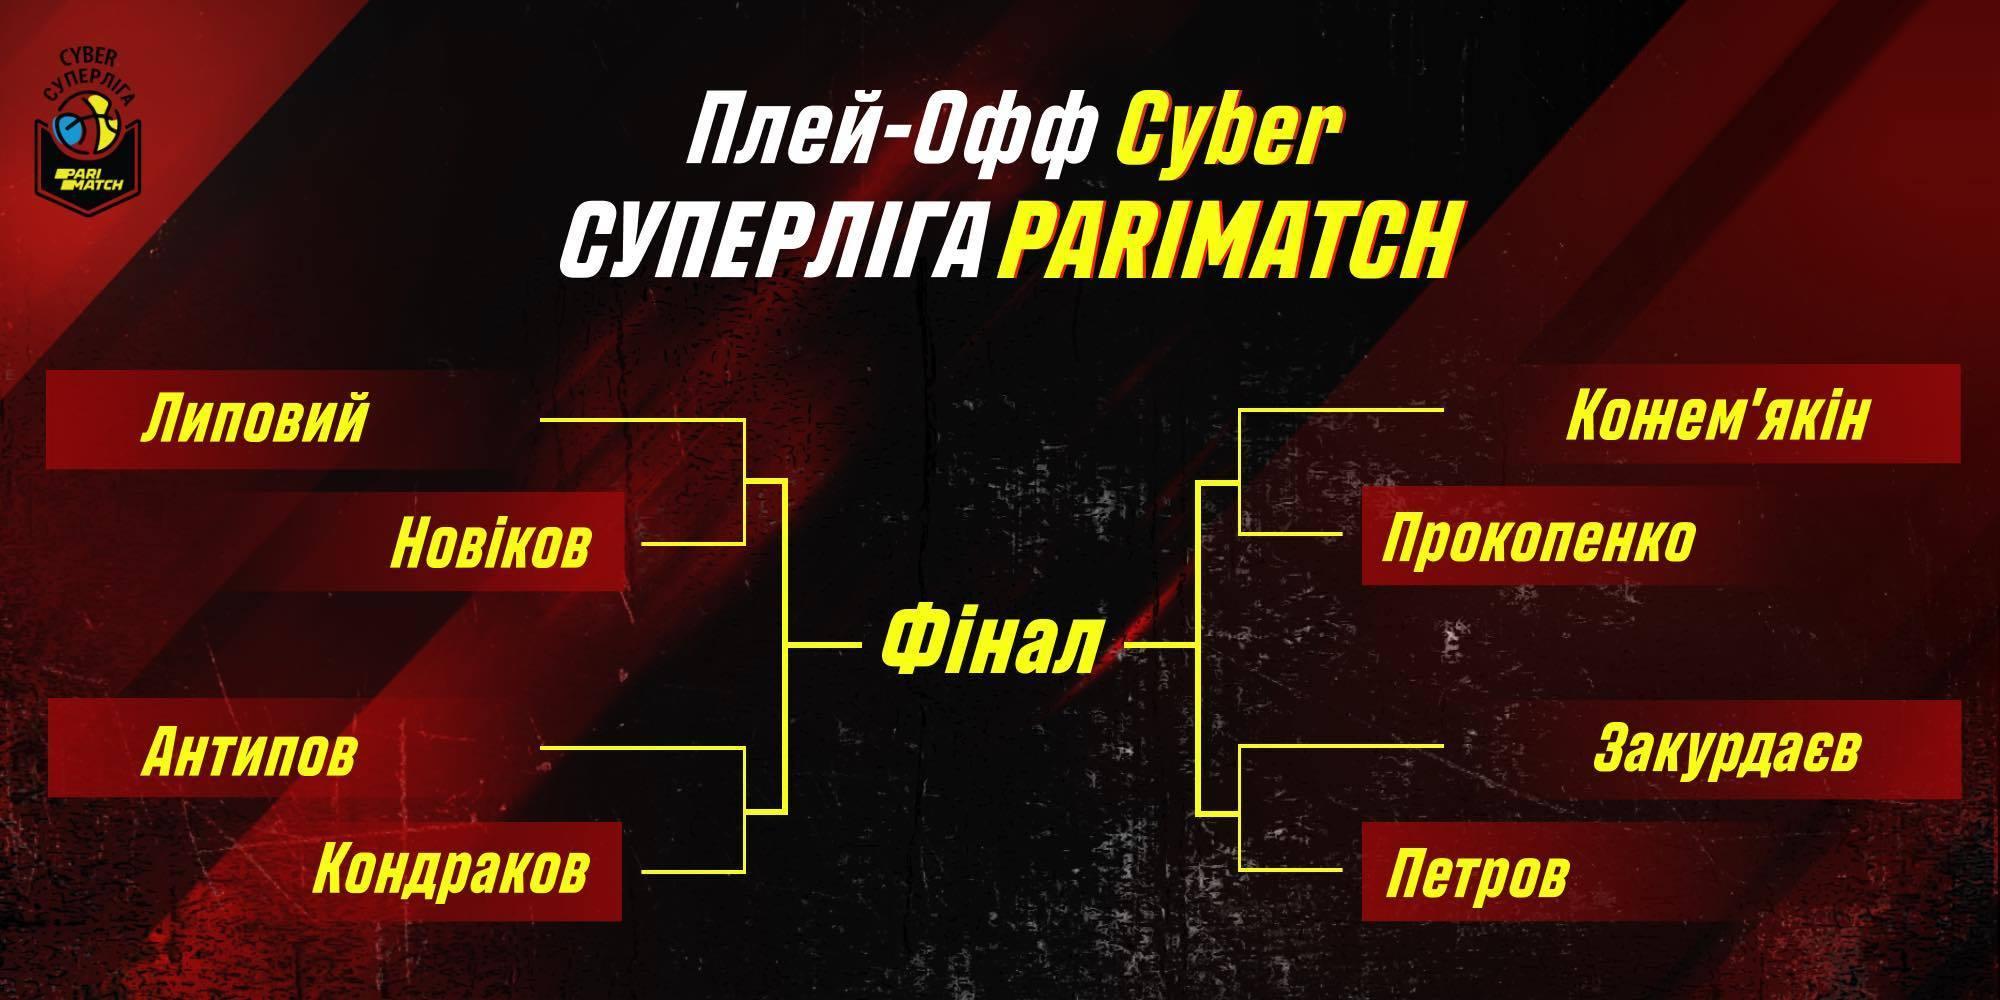 Cyber Суперліга Парі-Матч: онлайн відеотрансляція 1/4 фіналу